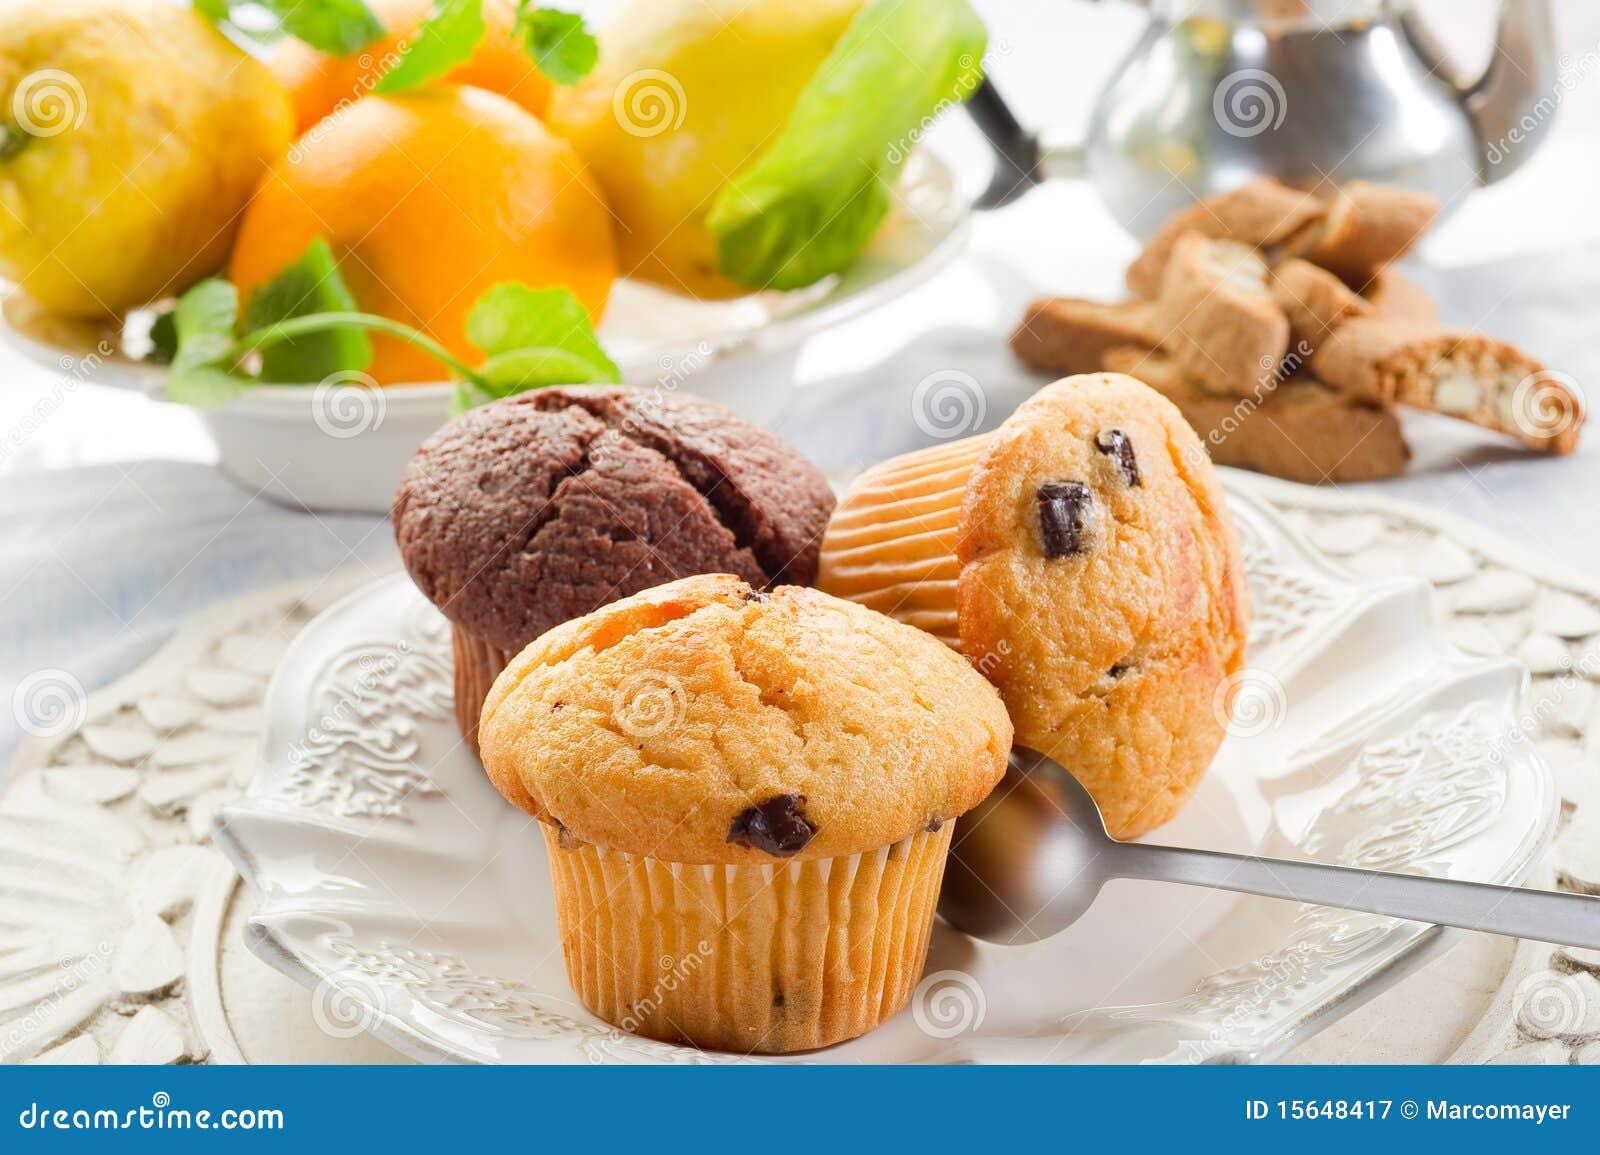 Muffin auf Teller